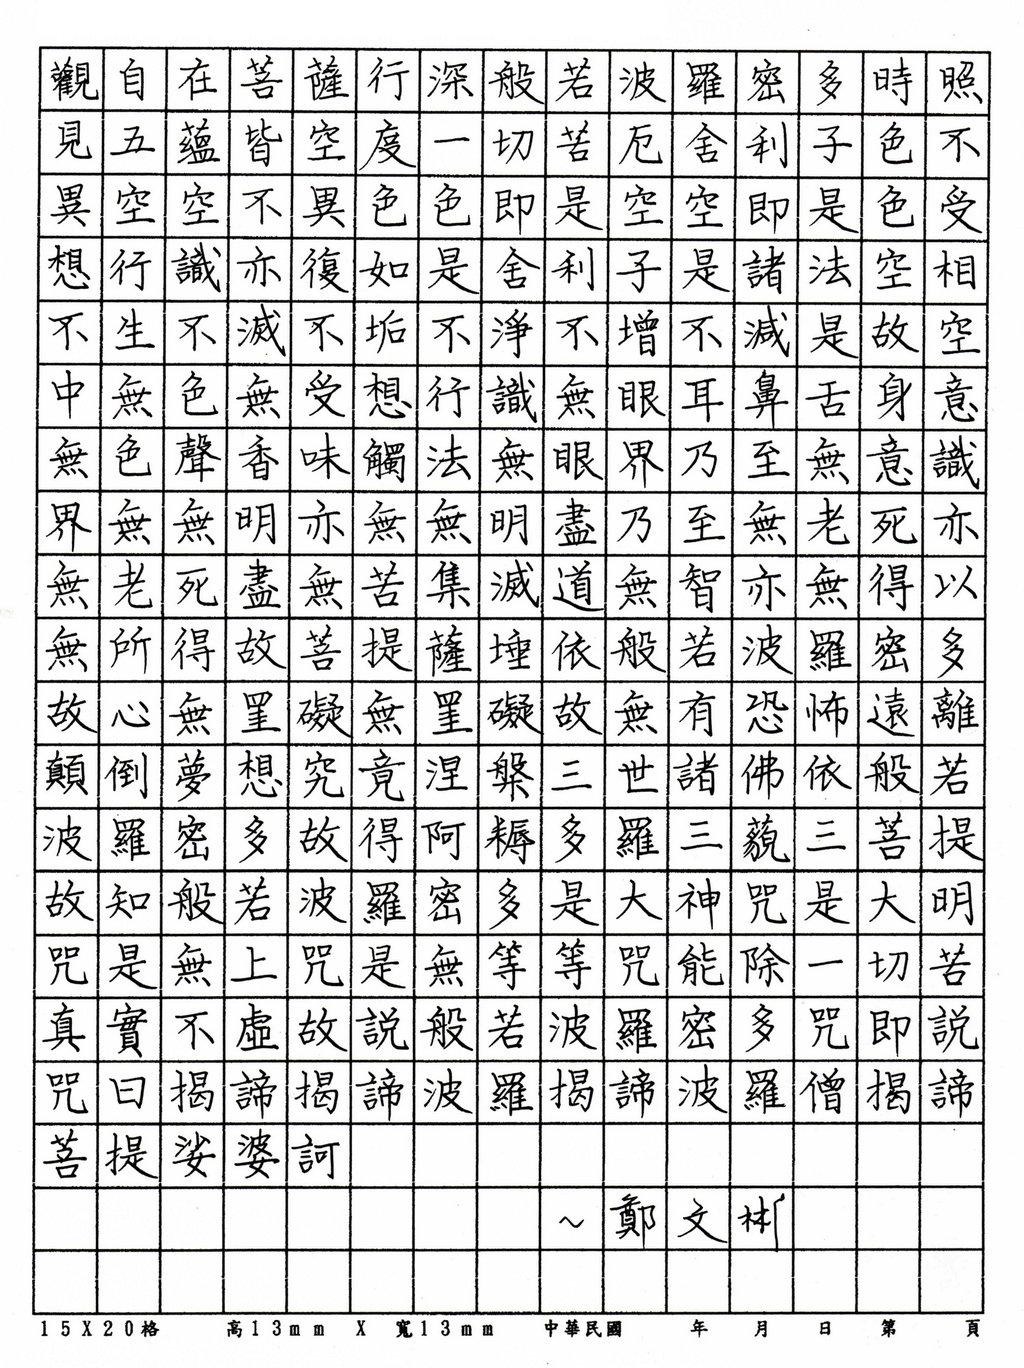 大家一起讓字變漂亮吧...... @ 珍惜者教育資訊站 :: 隨意窩 Xuite日誌